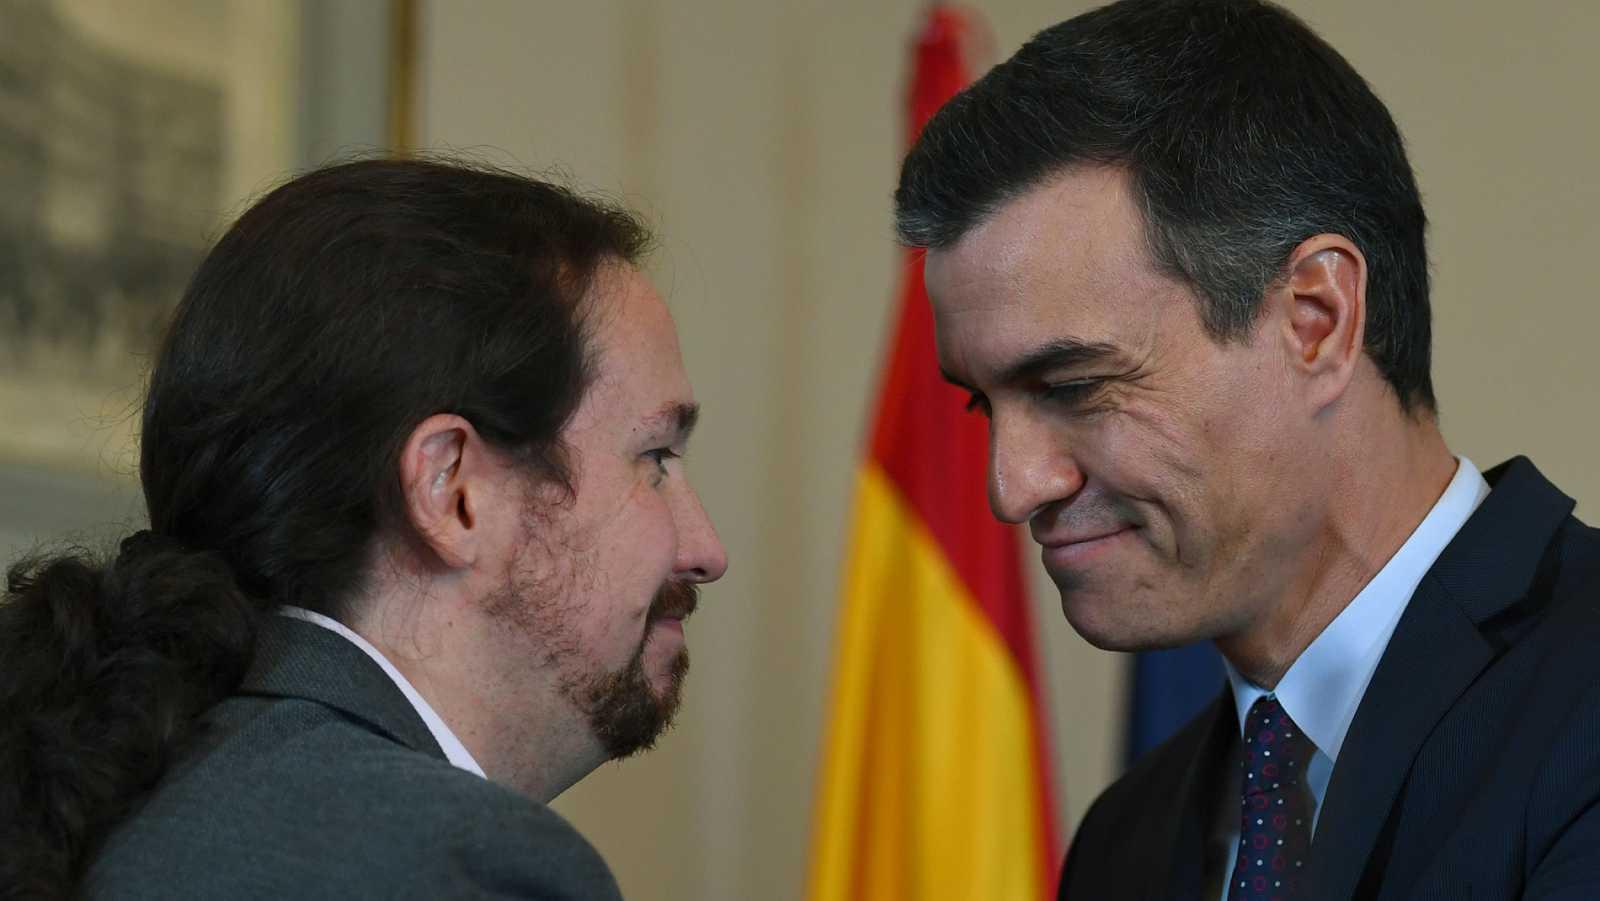 España: ¿Qué retos y medidas afrontará el nuevo Gobierno de coalición?